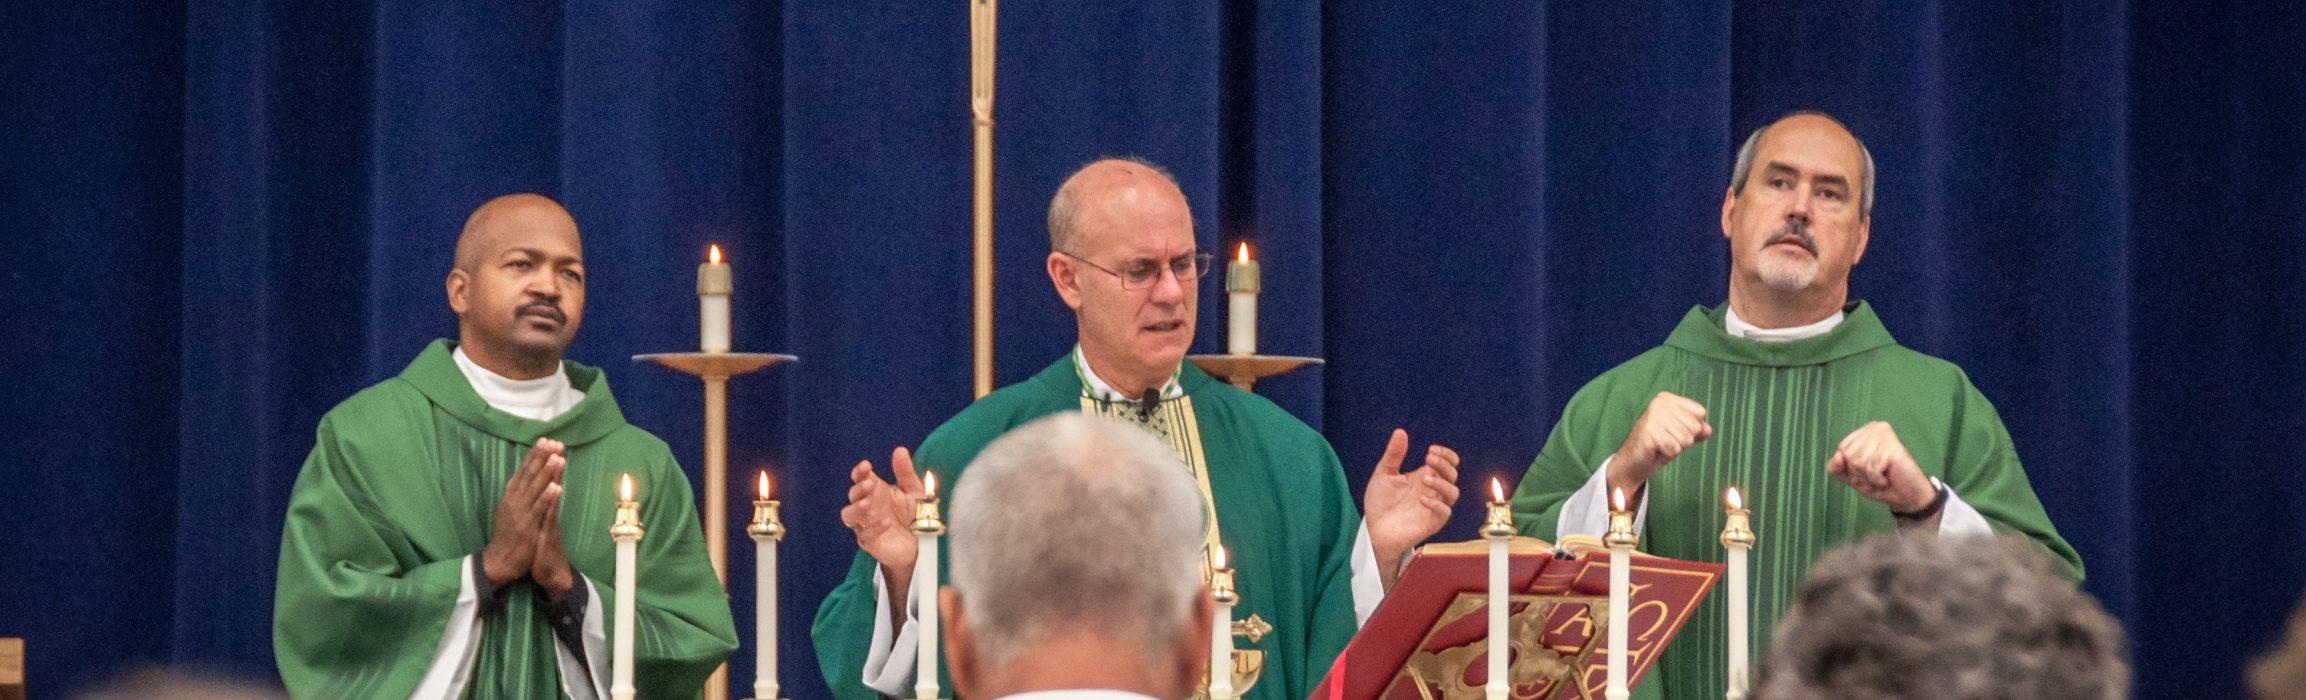 Zeal vs. acedia - Today's Catholic